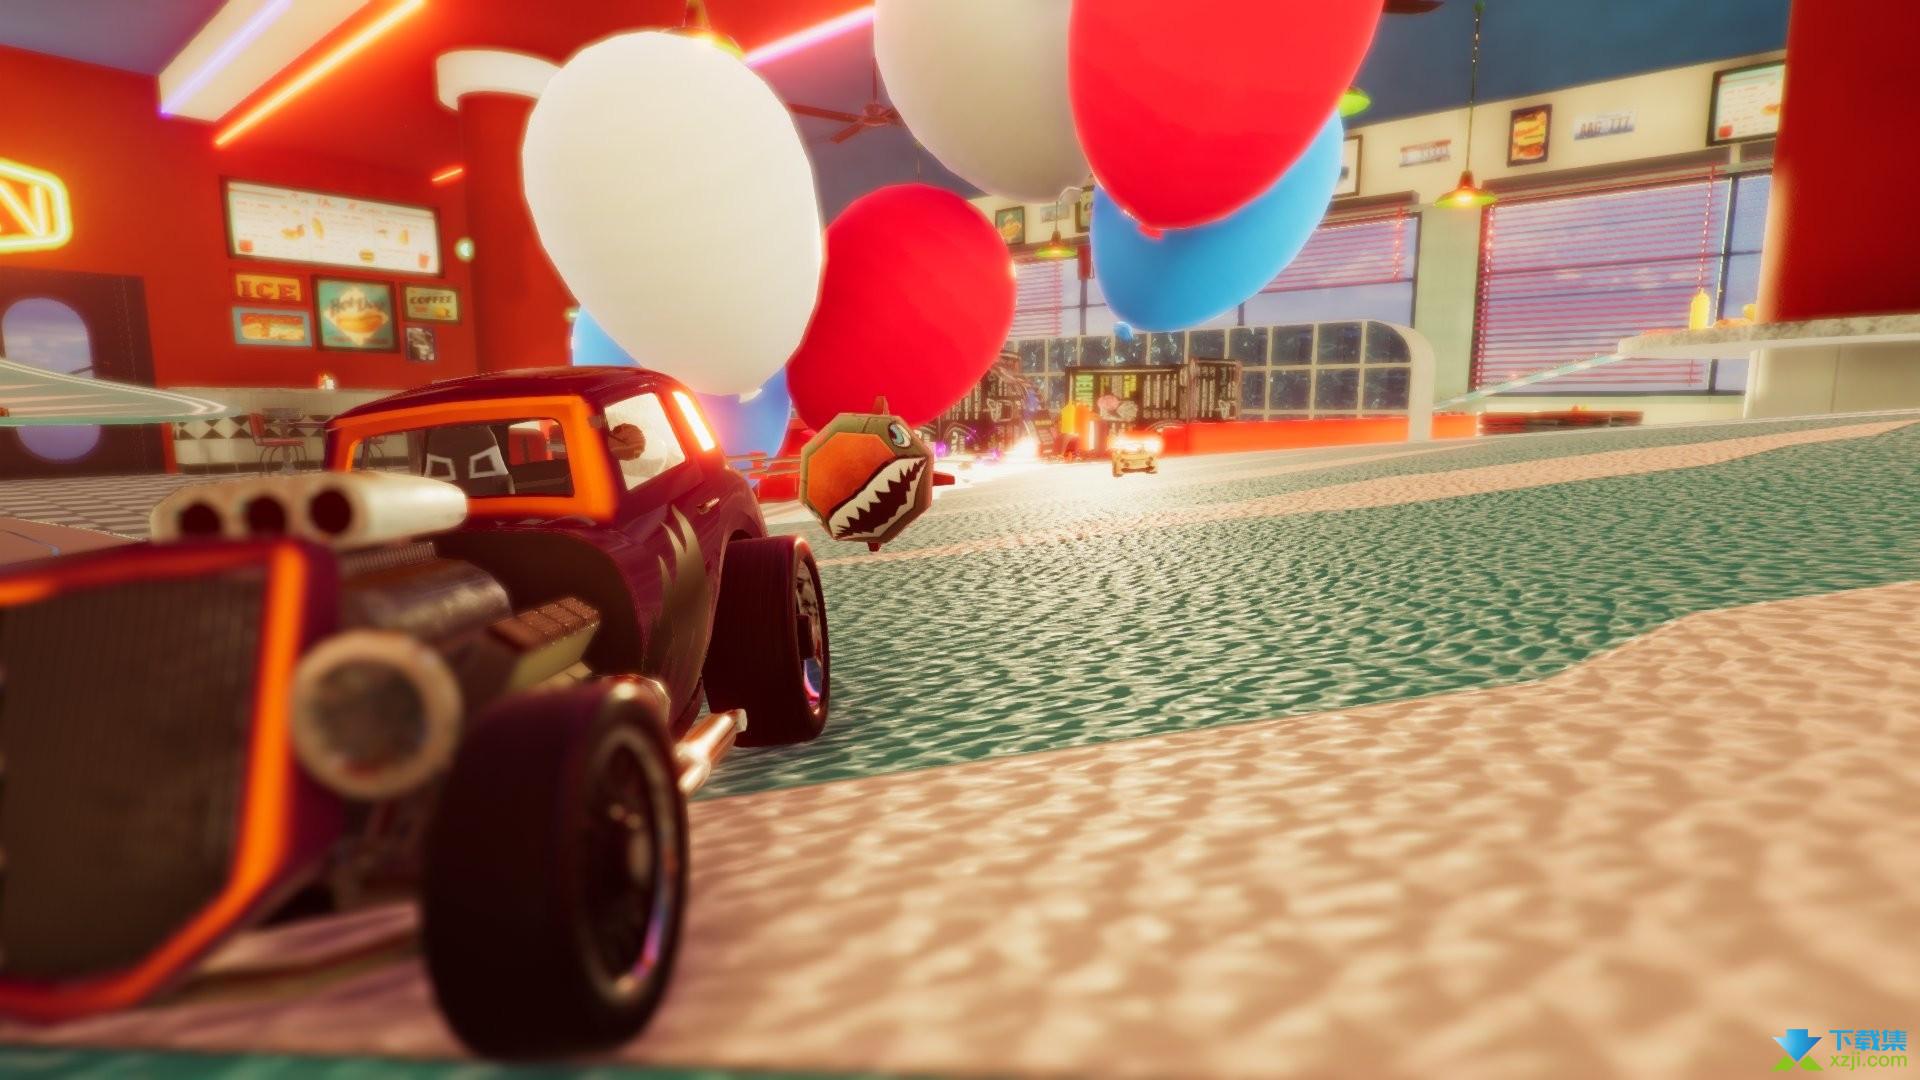 超级玩具车2界面1